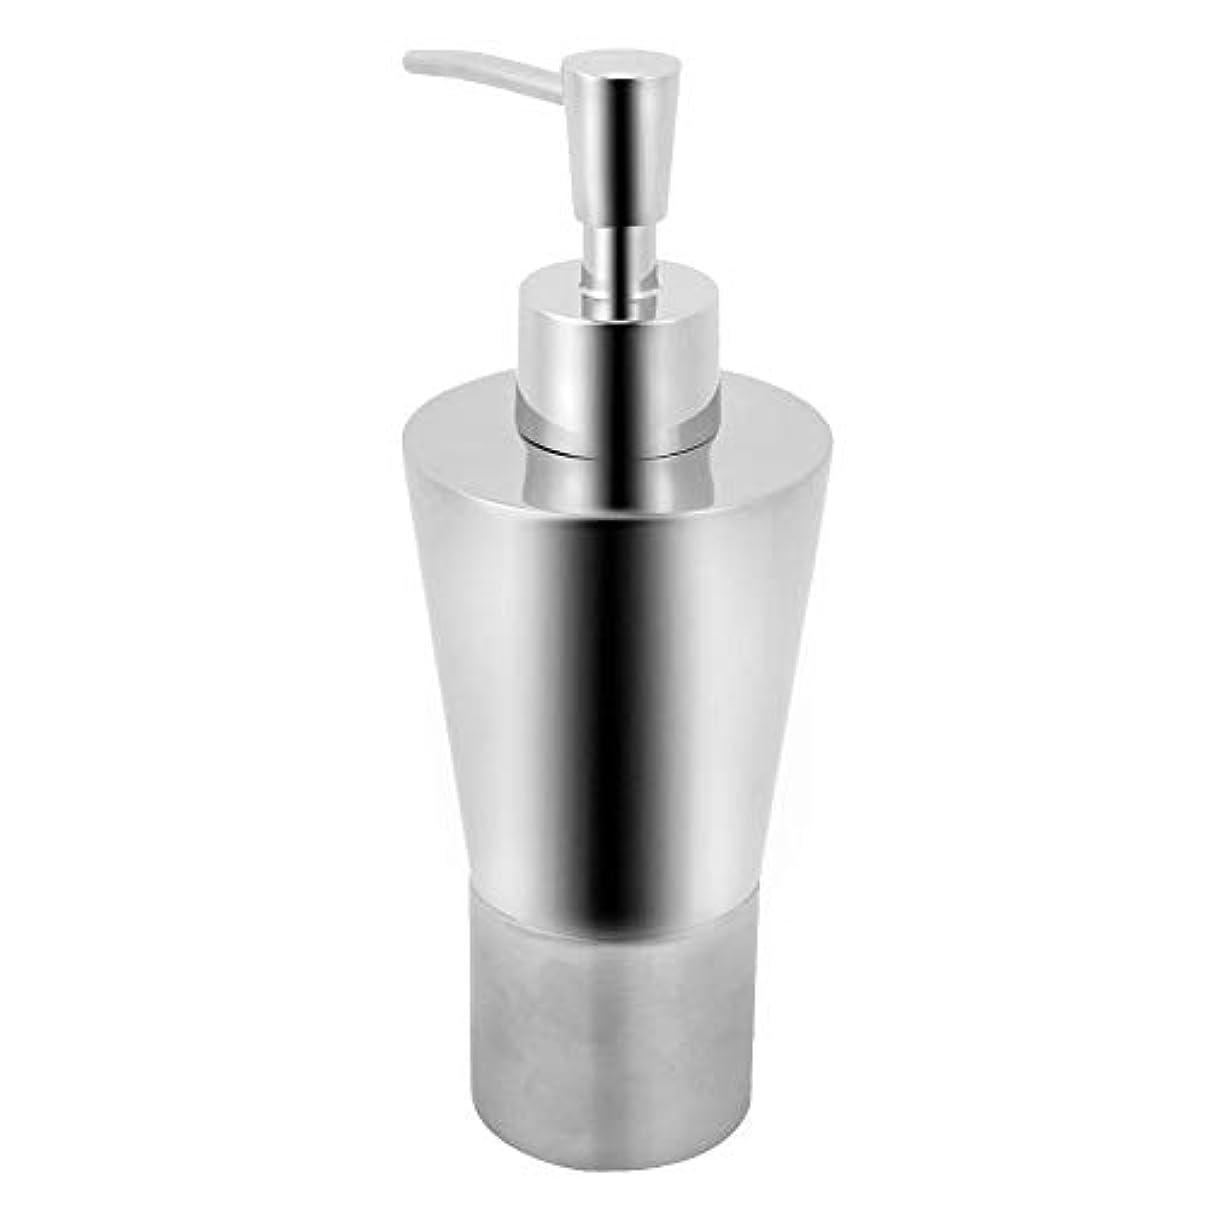 マンモス収入アイスクリームdootiディスペンサー 詰め替え ハンドソープ 洗剤ボトル ステンレス 耐久性 防水 防錆 多種類のソープ液体に適用